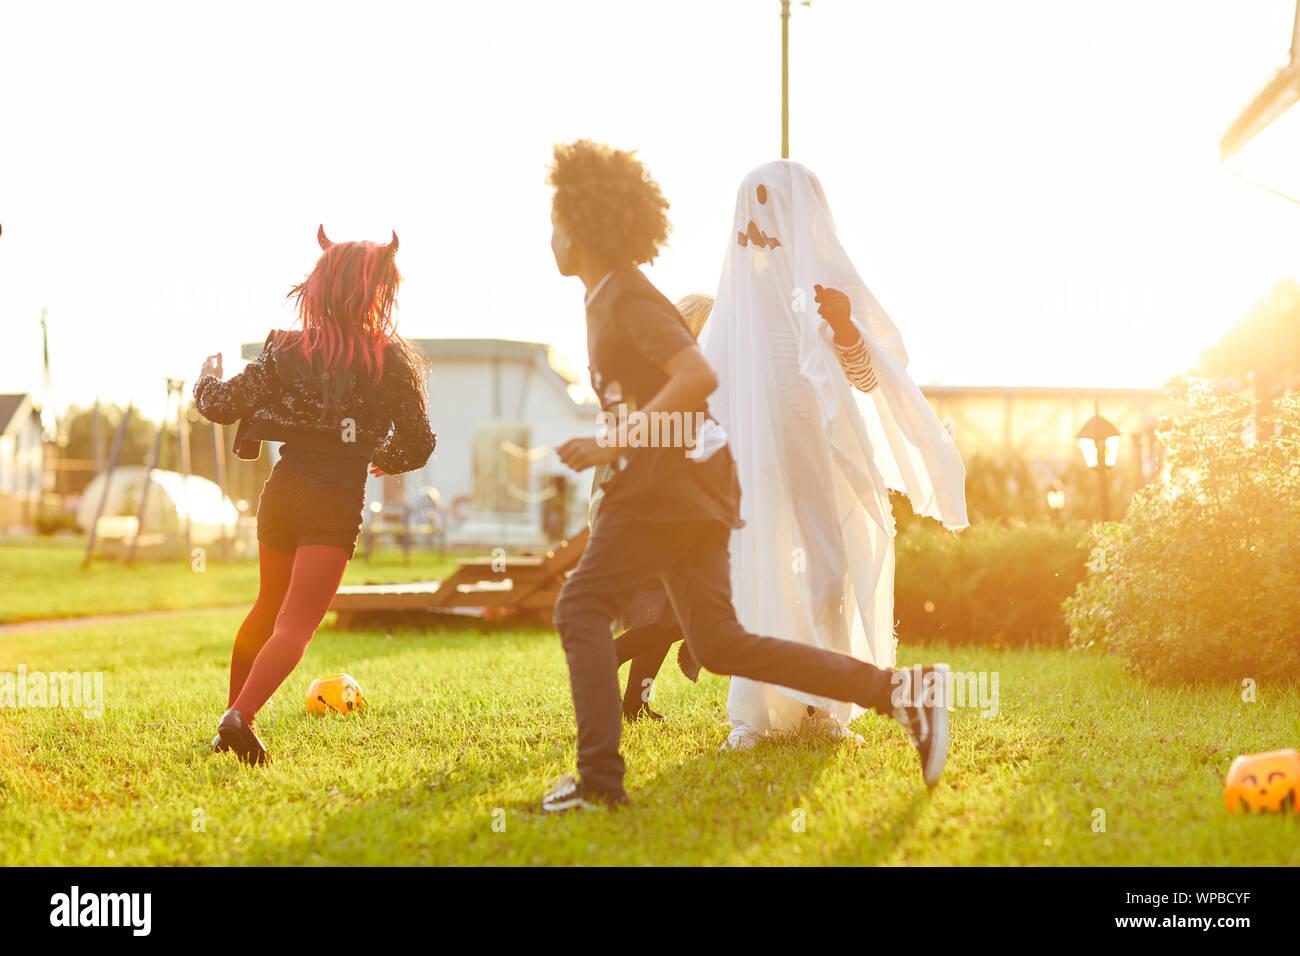 Grupo multiétnico de niños disfrazados corriendo en el césped mientras se divierten en Halloween y jugar con la luz del sol, espacio de copia Foto de stock